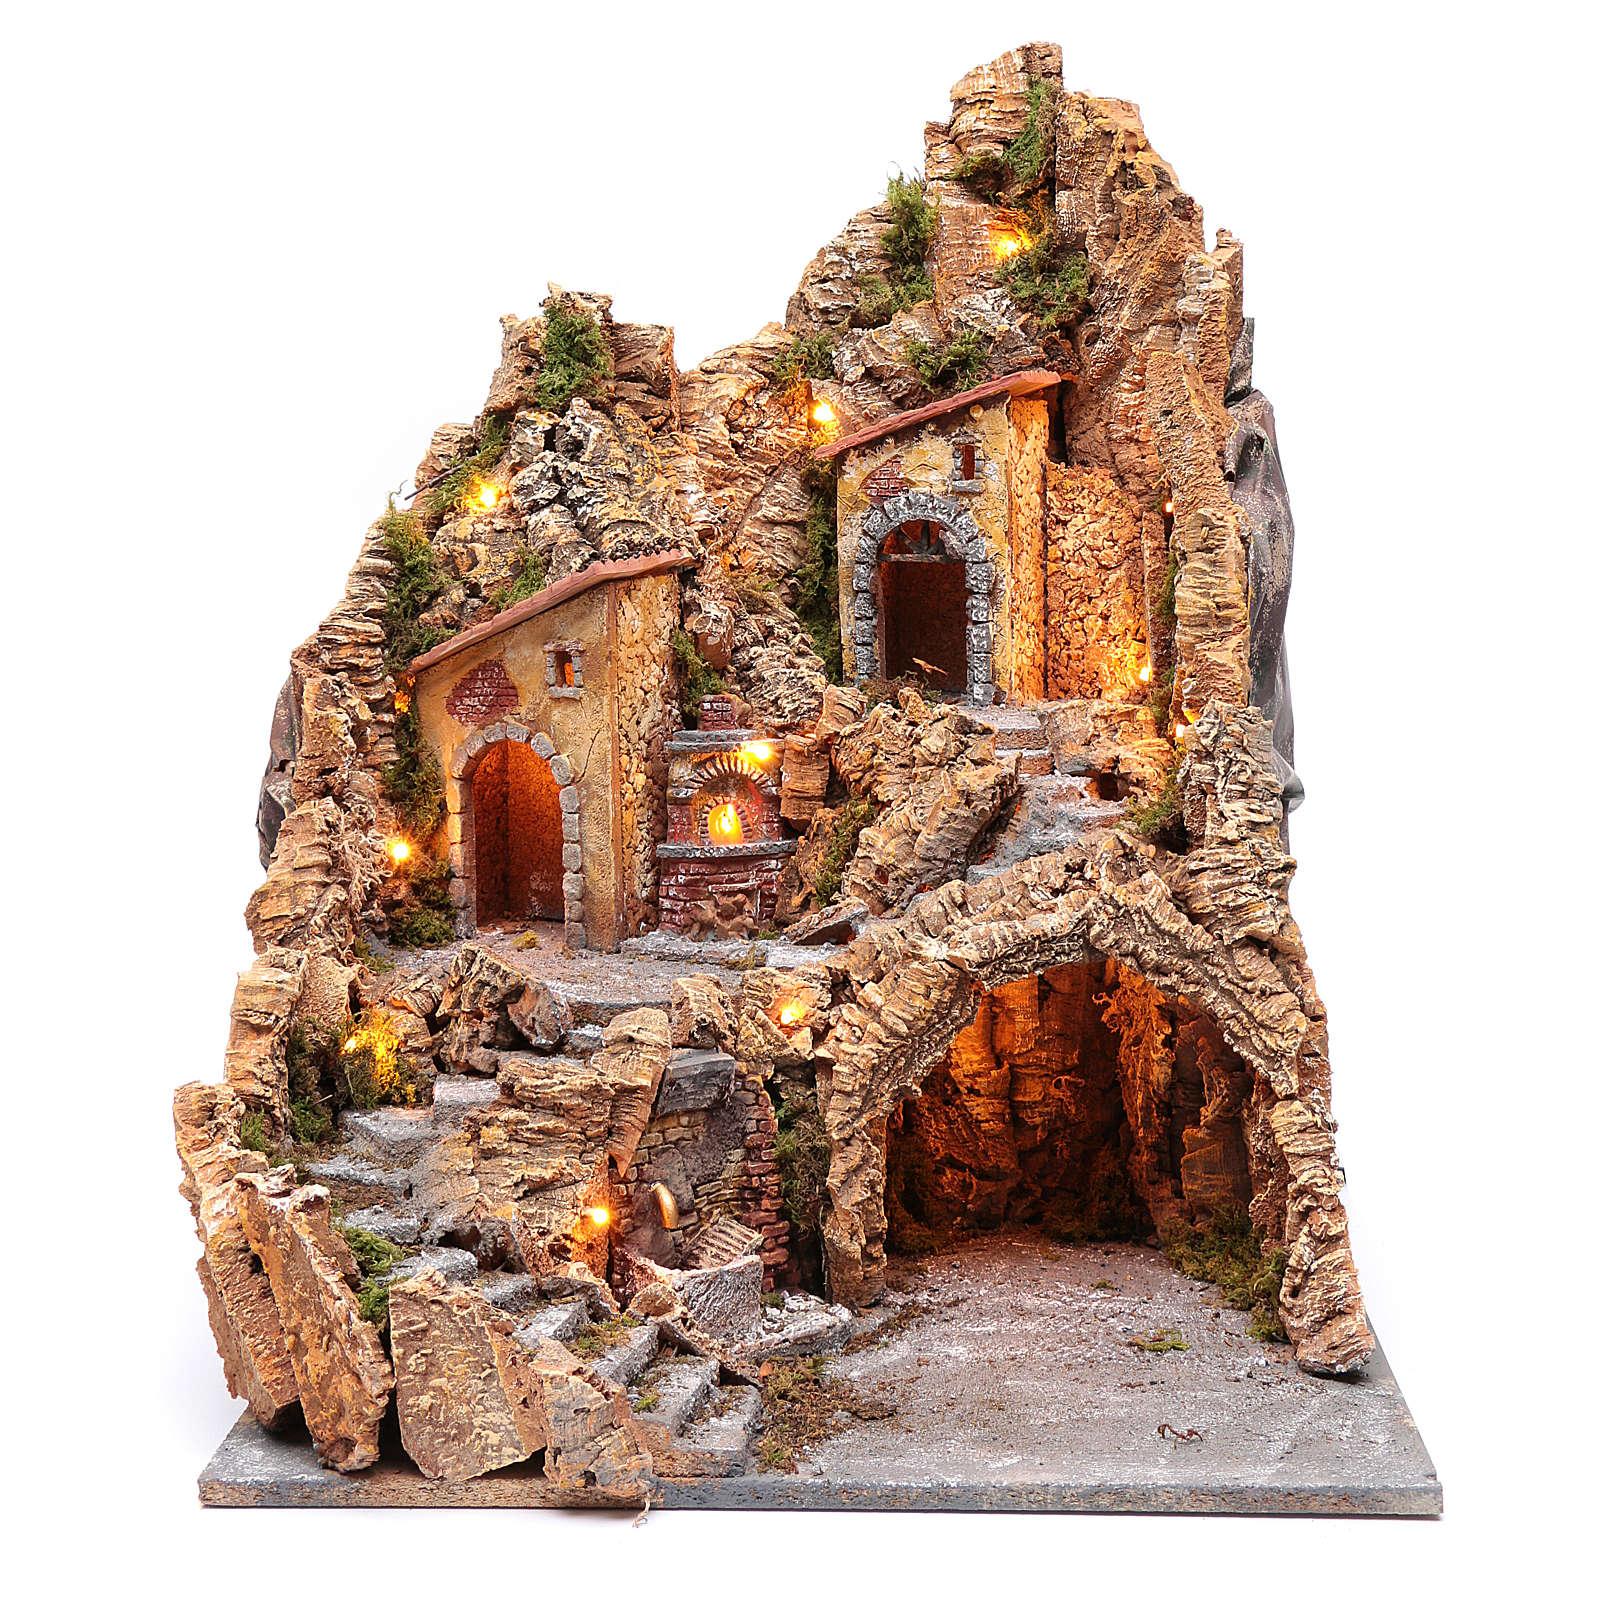 Décor crèche napolitaine cabane fontaine et four 58,5x45x47 cm 4